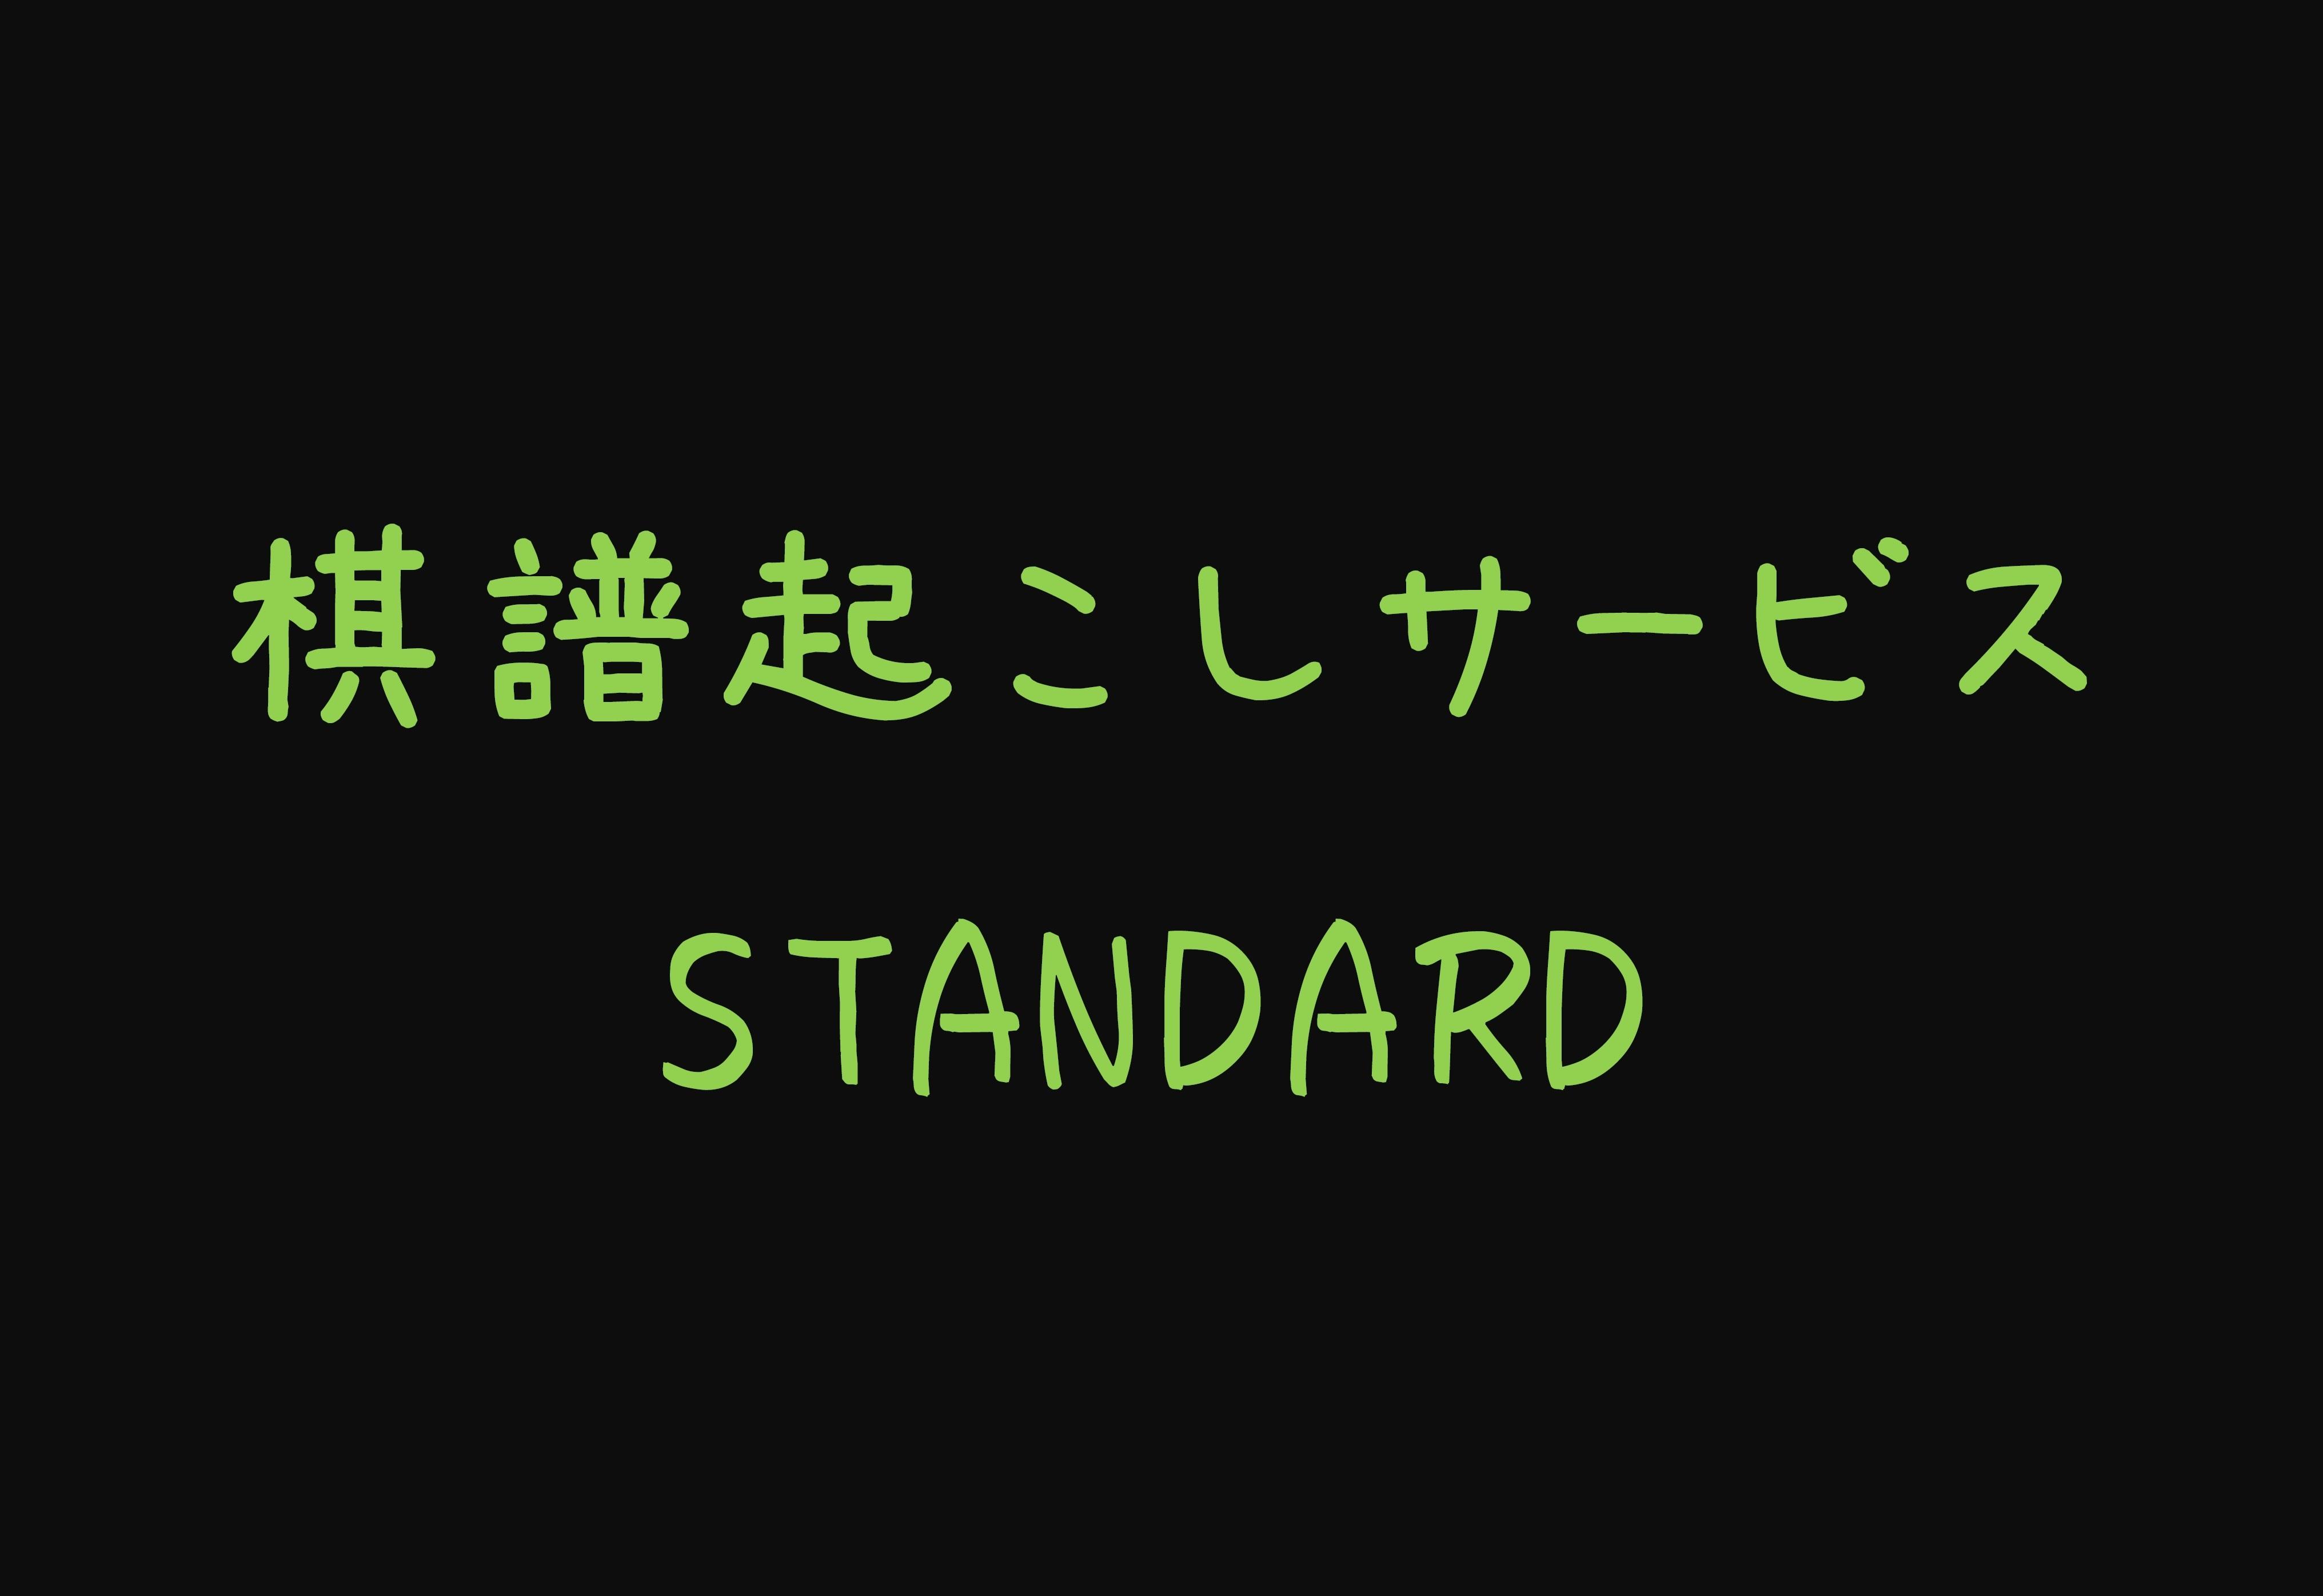 棋譜起こしサービス STANDARD